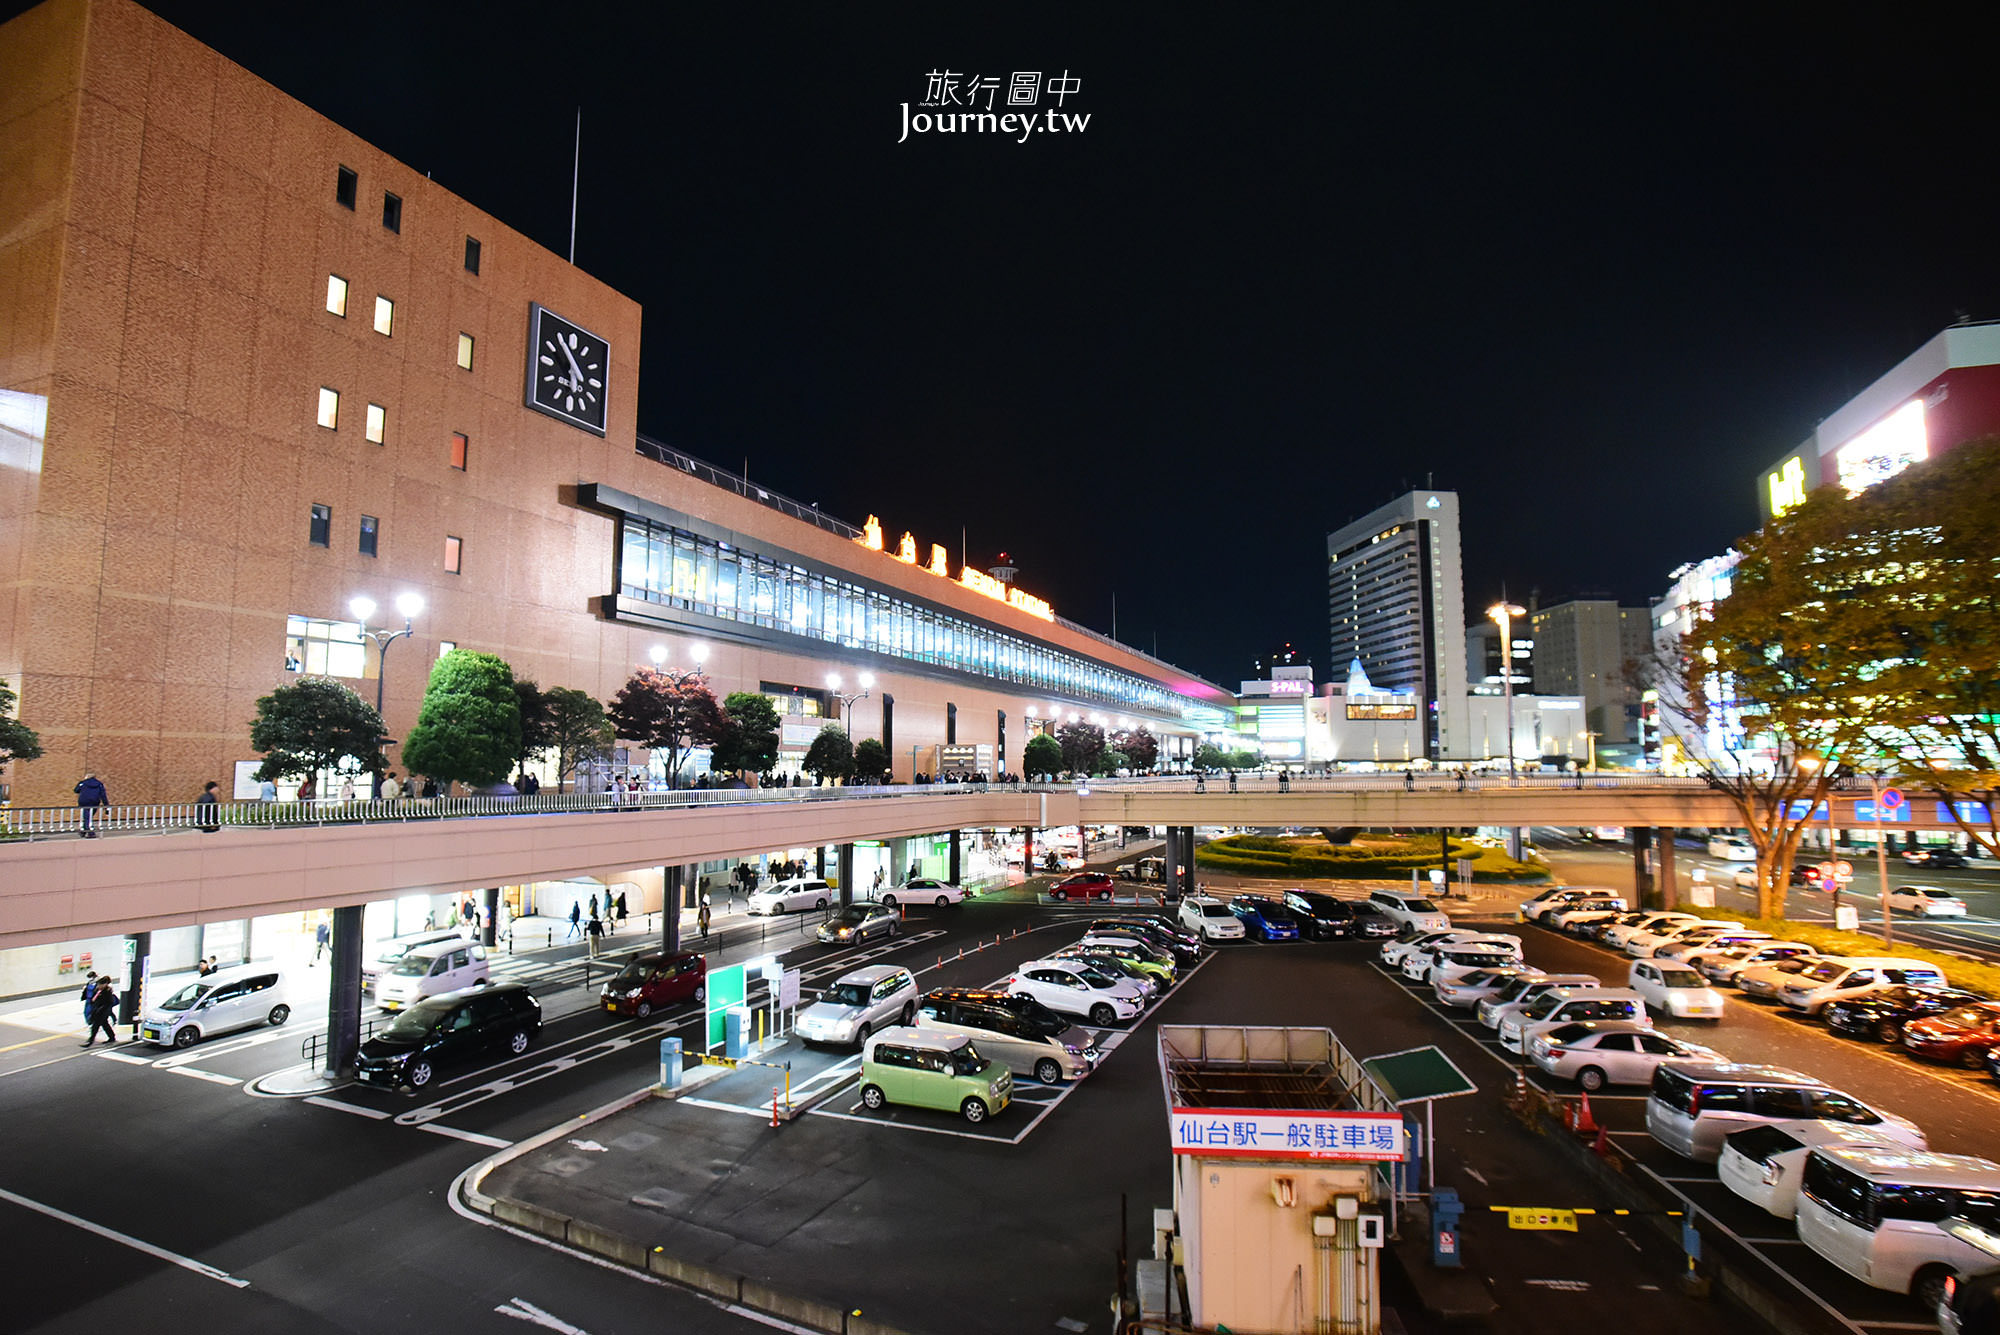 仙台住宿,仙台車站,APA VILLA,仙台站五橋